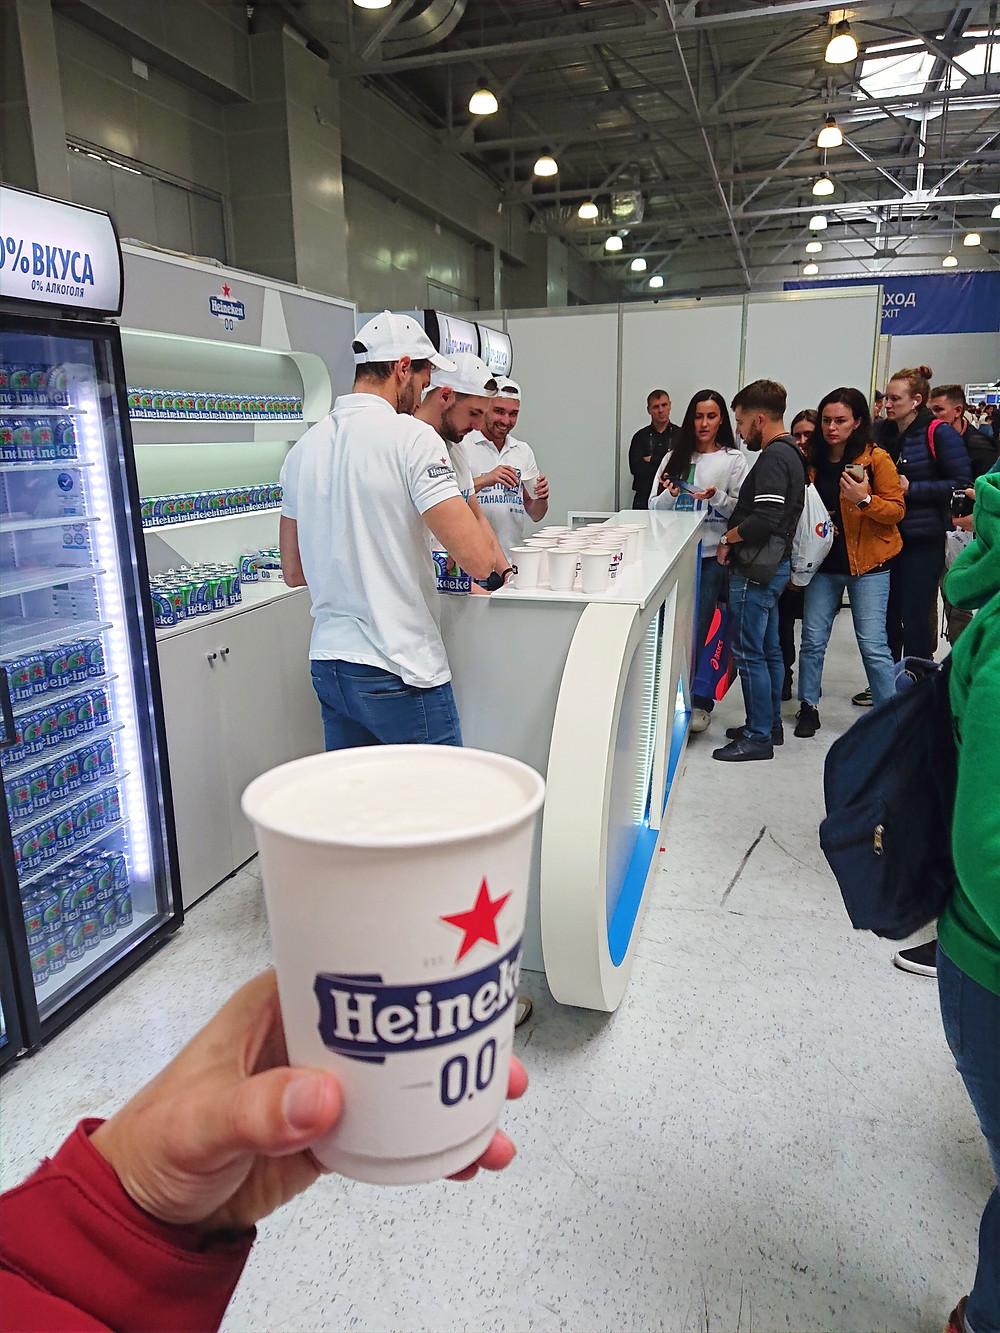 Бесплатное Heineken